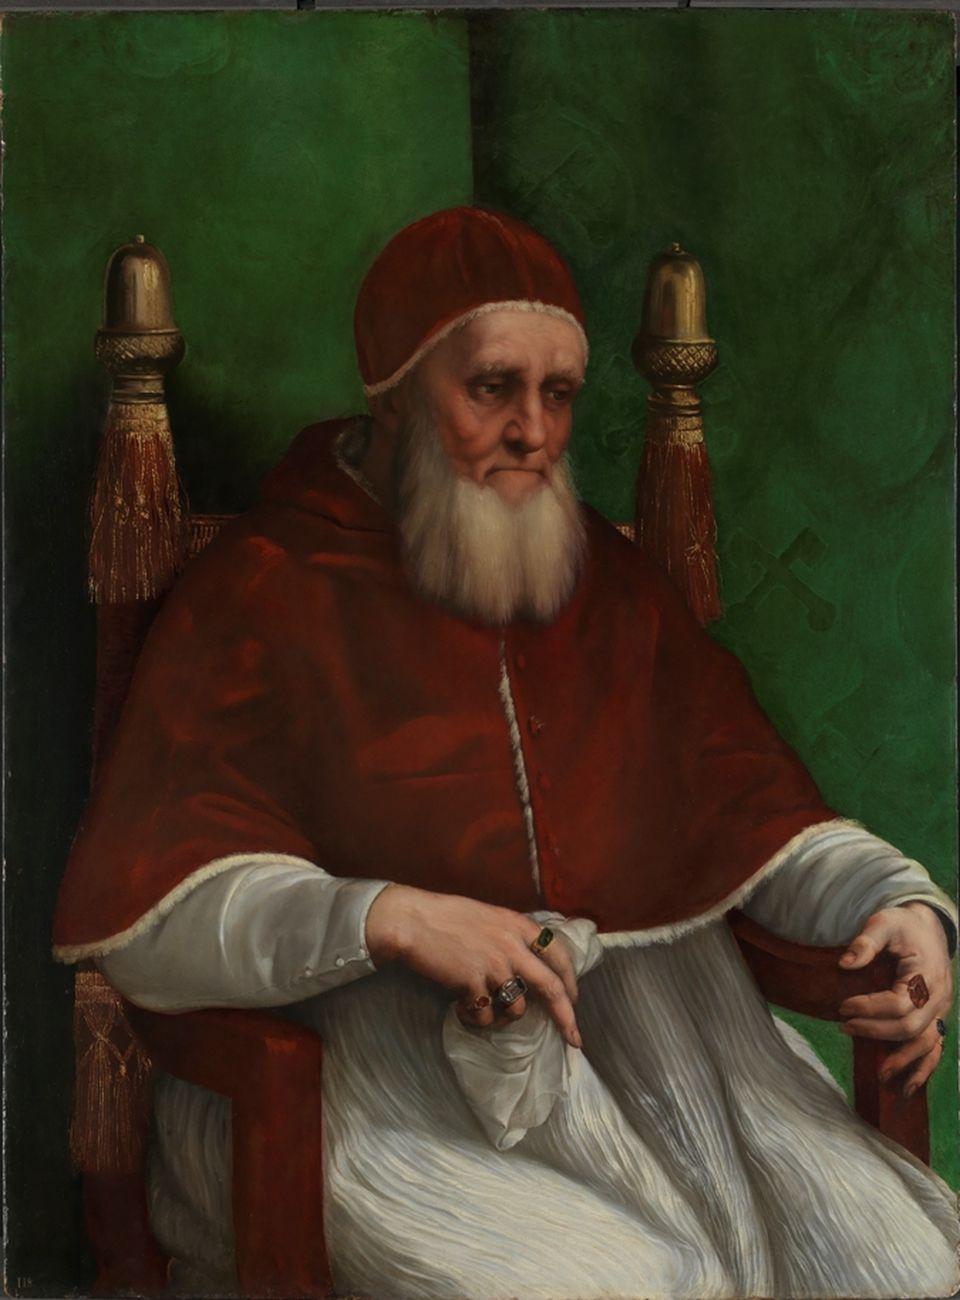 Raffaello, Ritratto di Giulio II, ante marzo 1512. Londra, The National Gallery © The National Gallery, London